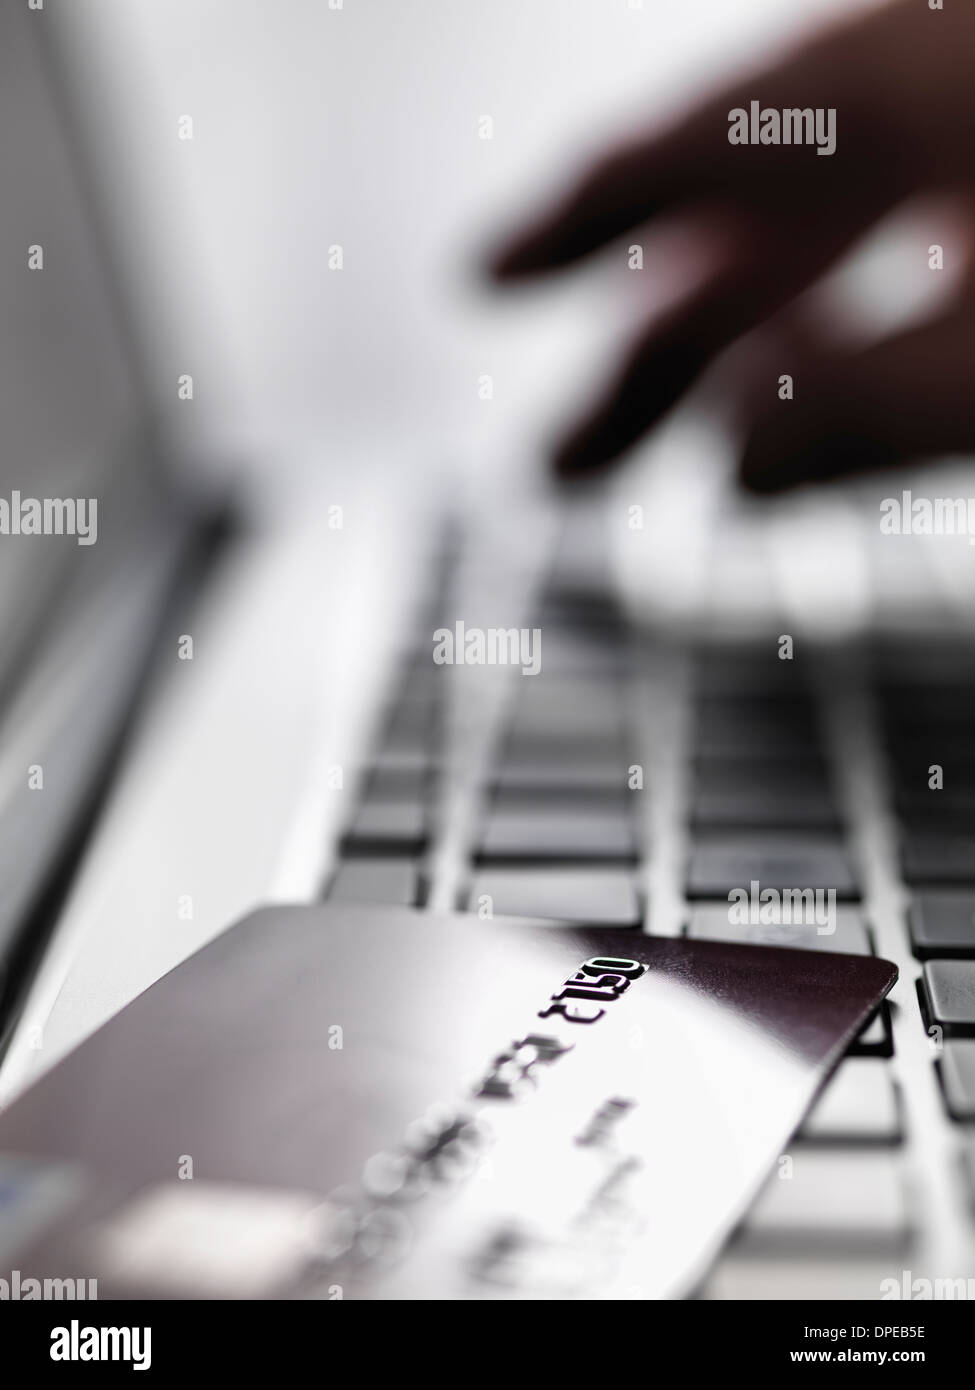 Taraudage manuel sur les comptes, ordinateur portable pour illustrer les achats sur internet et la fraude sur internet Photo Stock